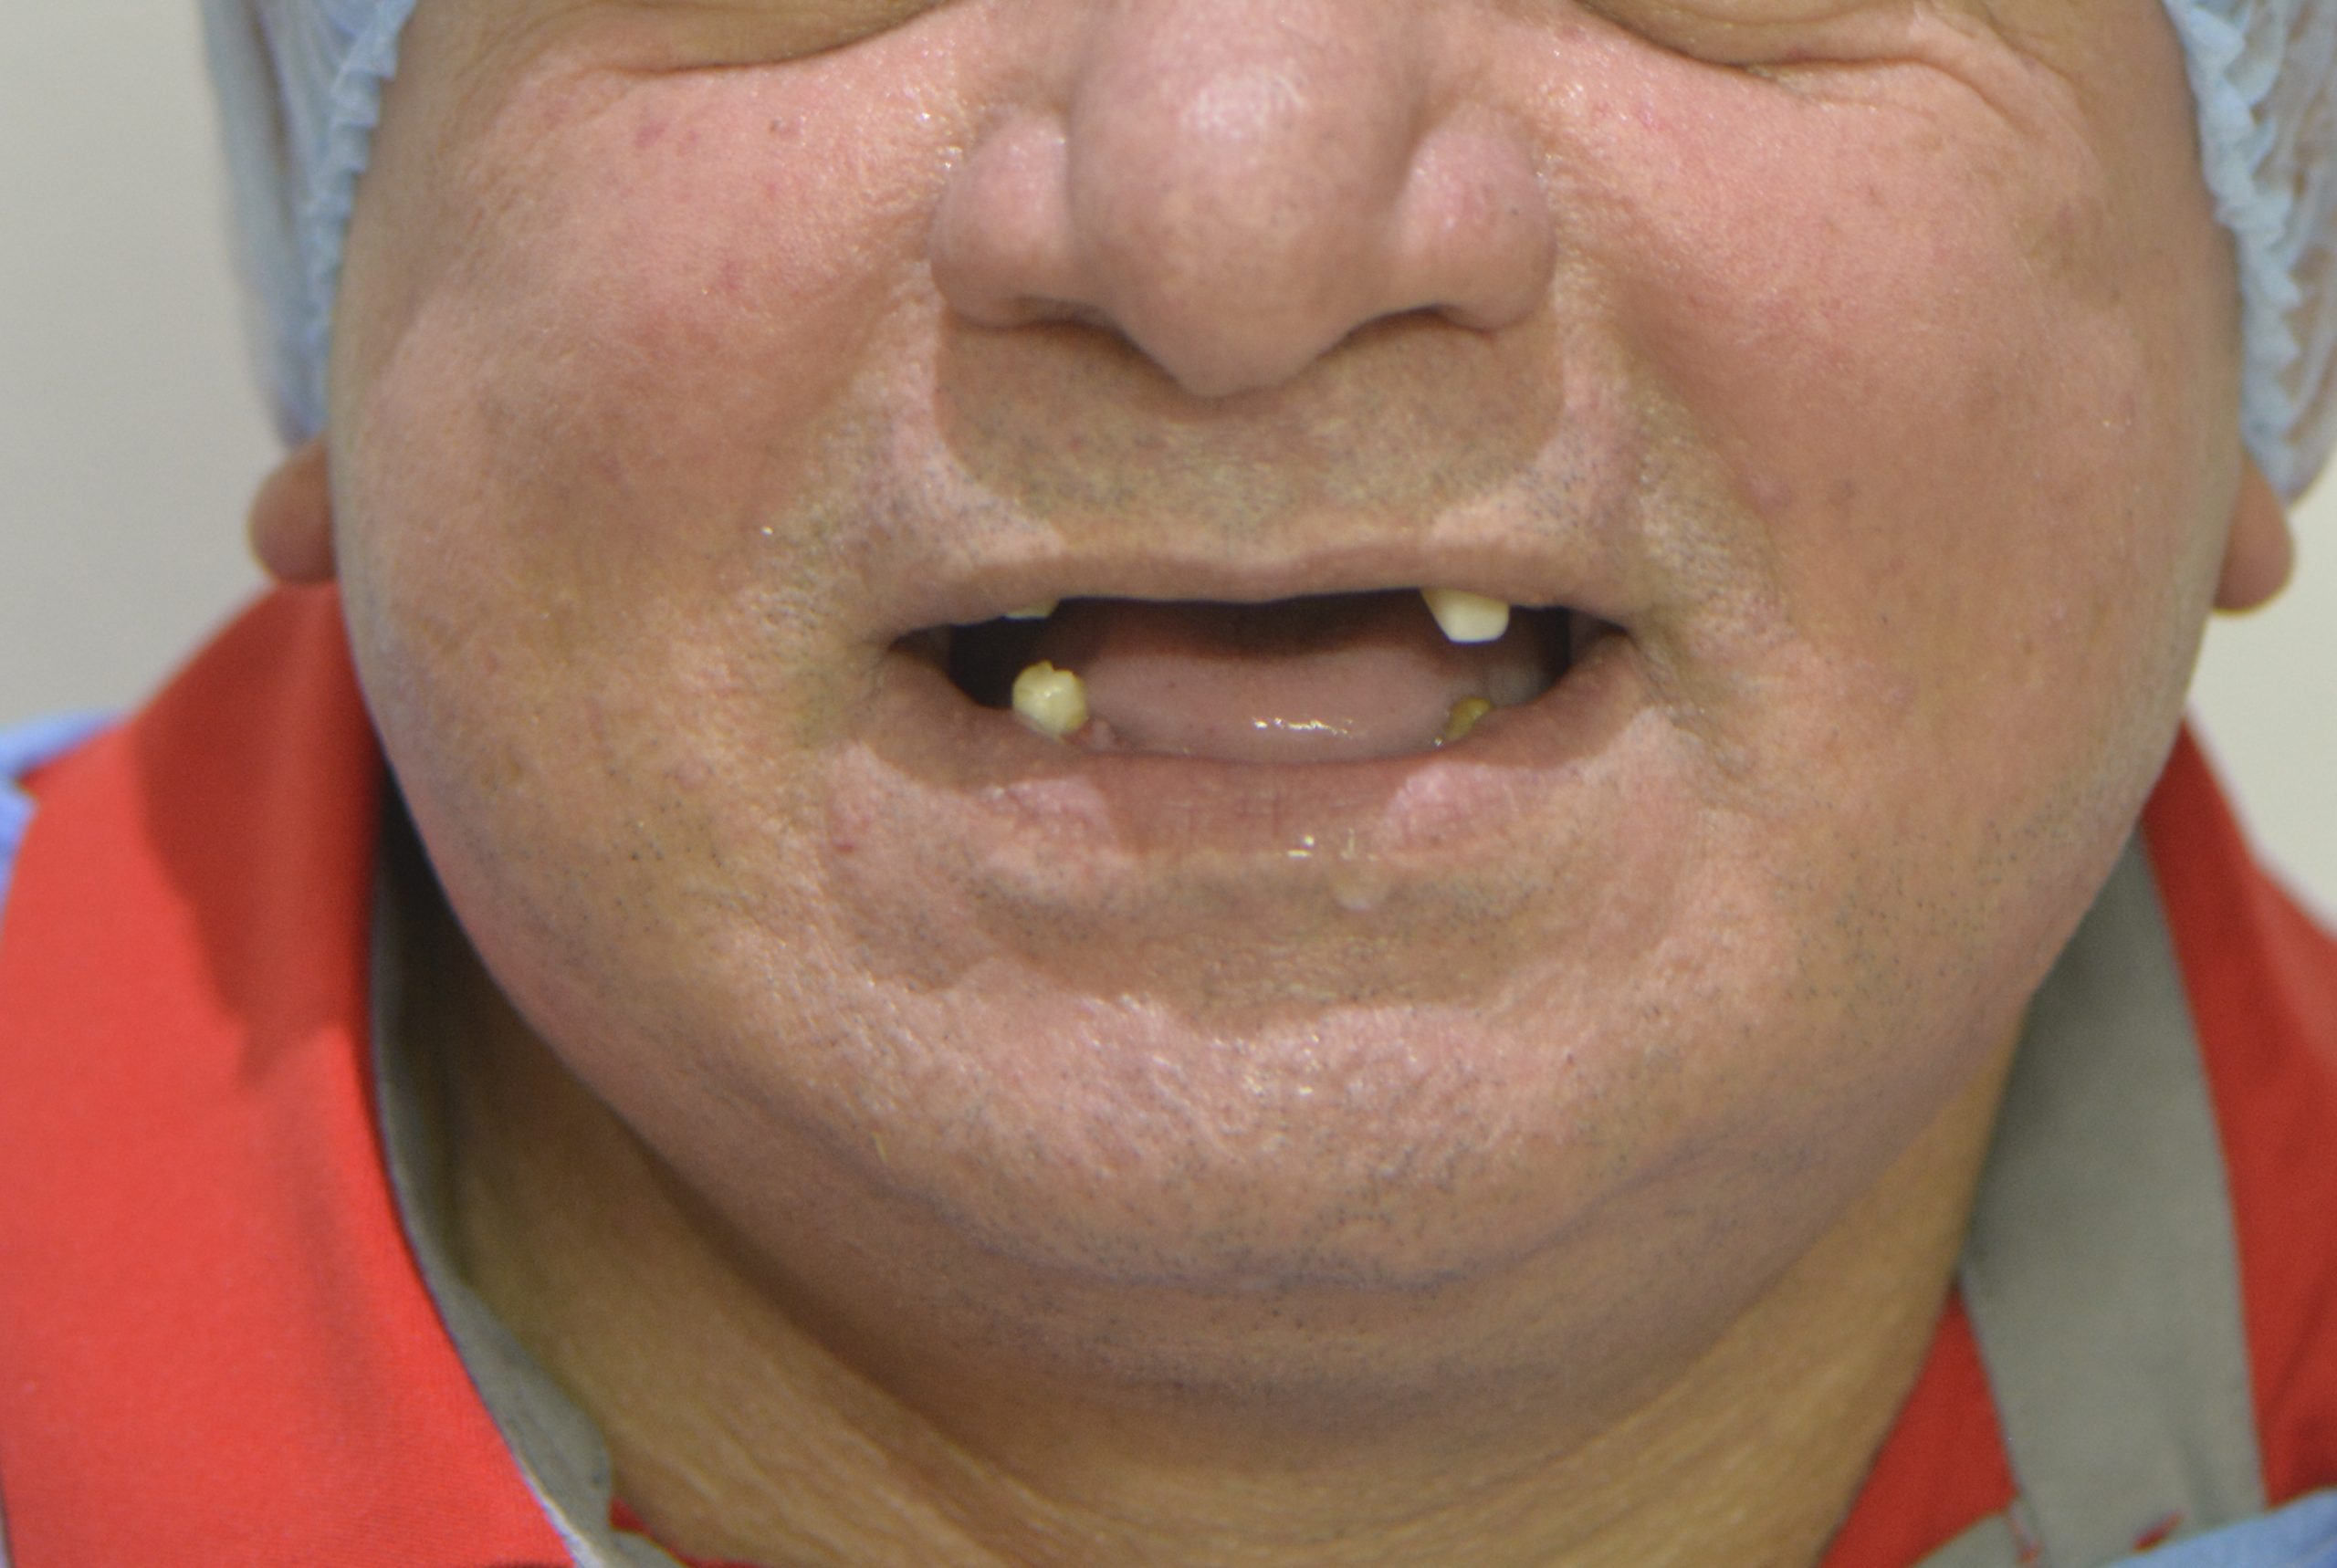 تركيب و زراعة أسنان